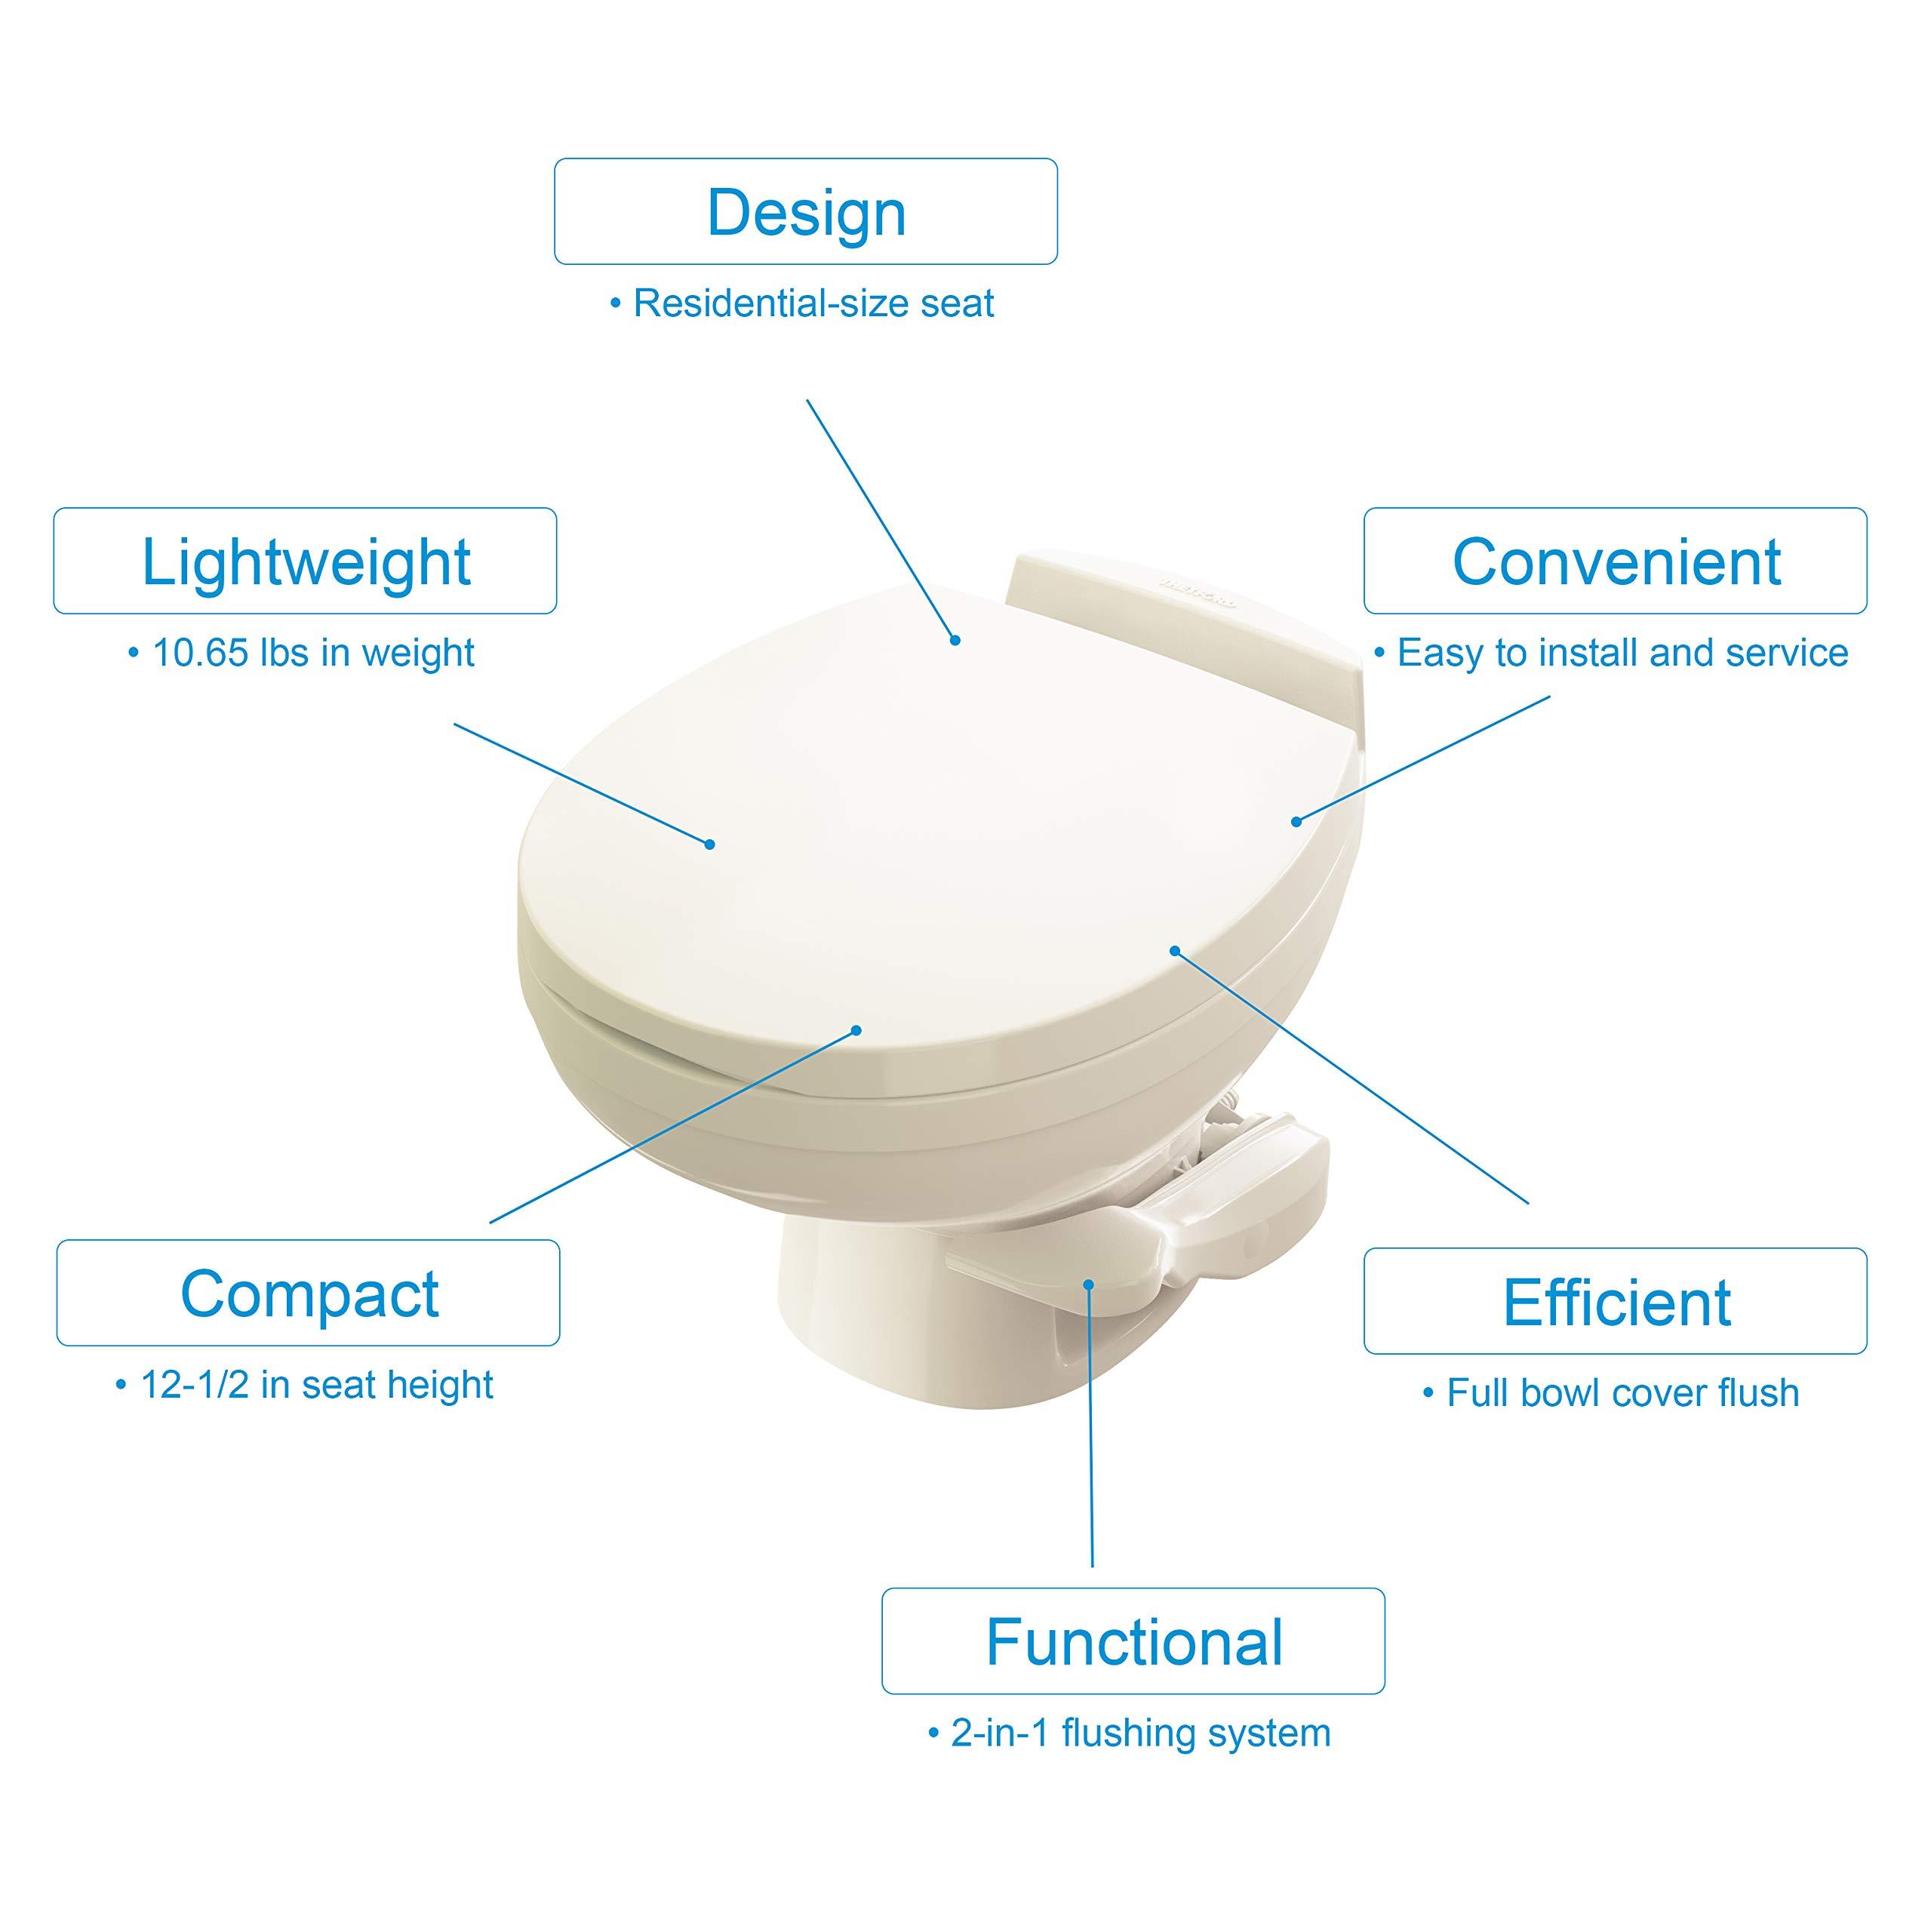 Aqua-Magic Residence RV Toilet / Low Profile / Bone - Thetford 42172 by Thetford